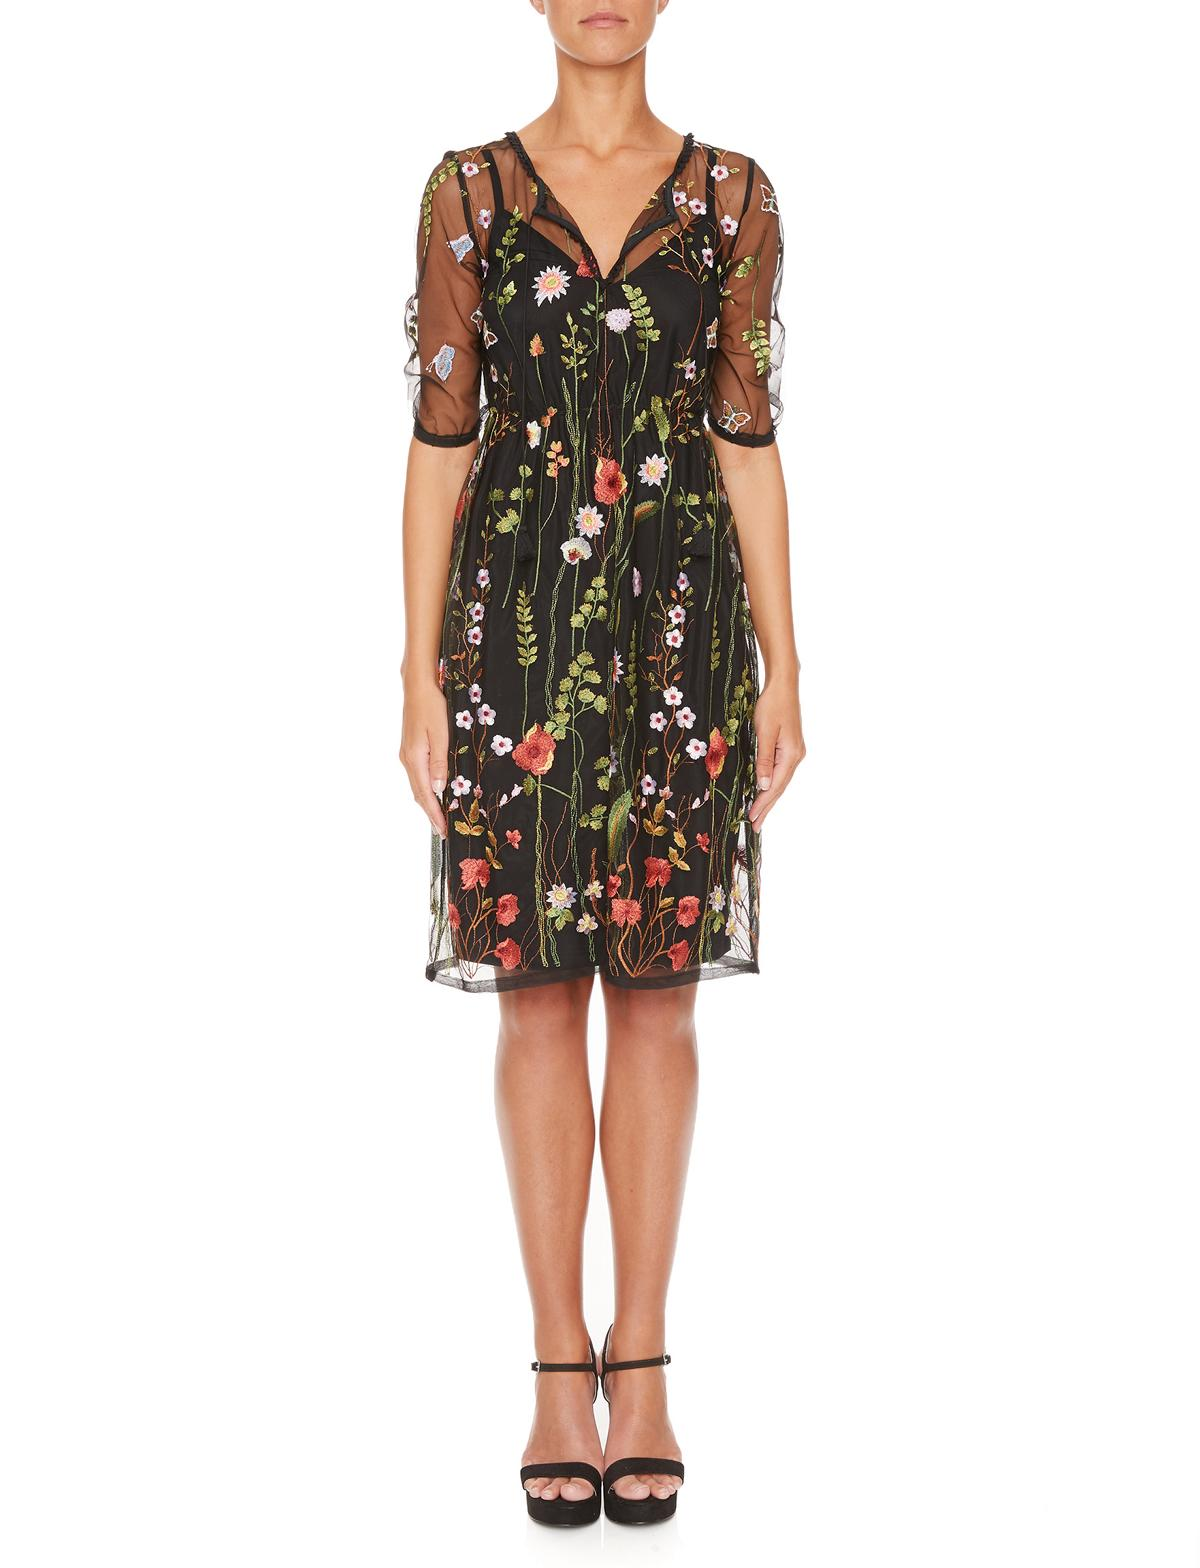 Vorderansicht von Ana Alcazar Limited Edition Tüllkleid Mabel  angezogen an Model